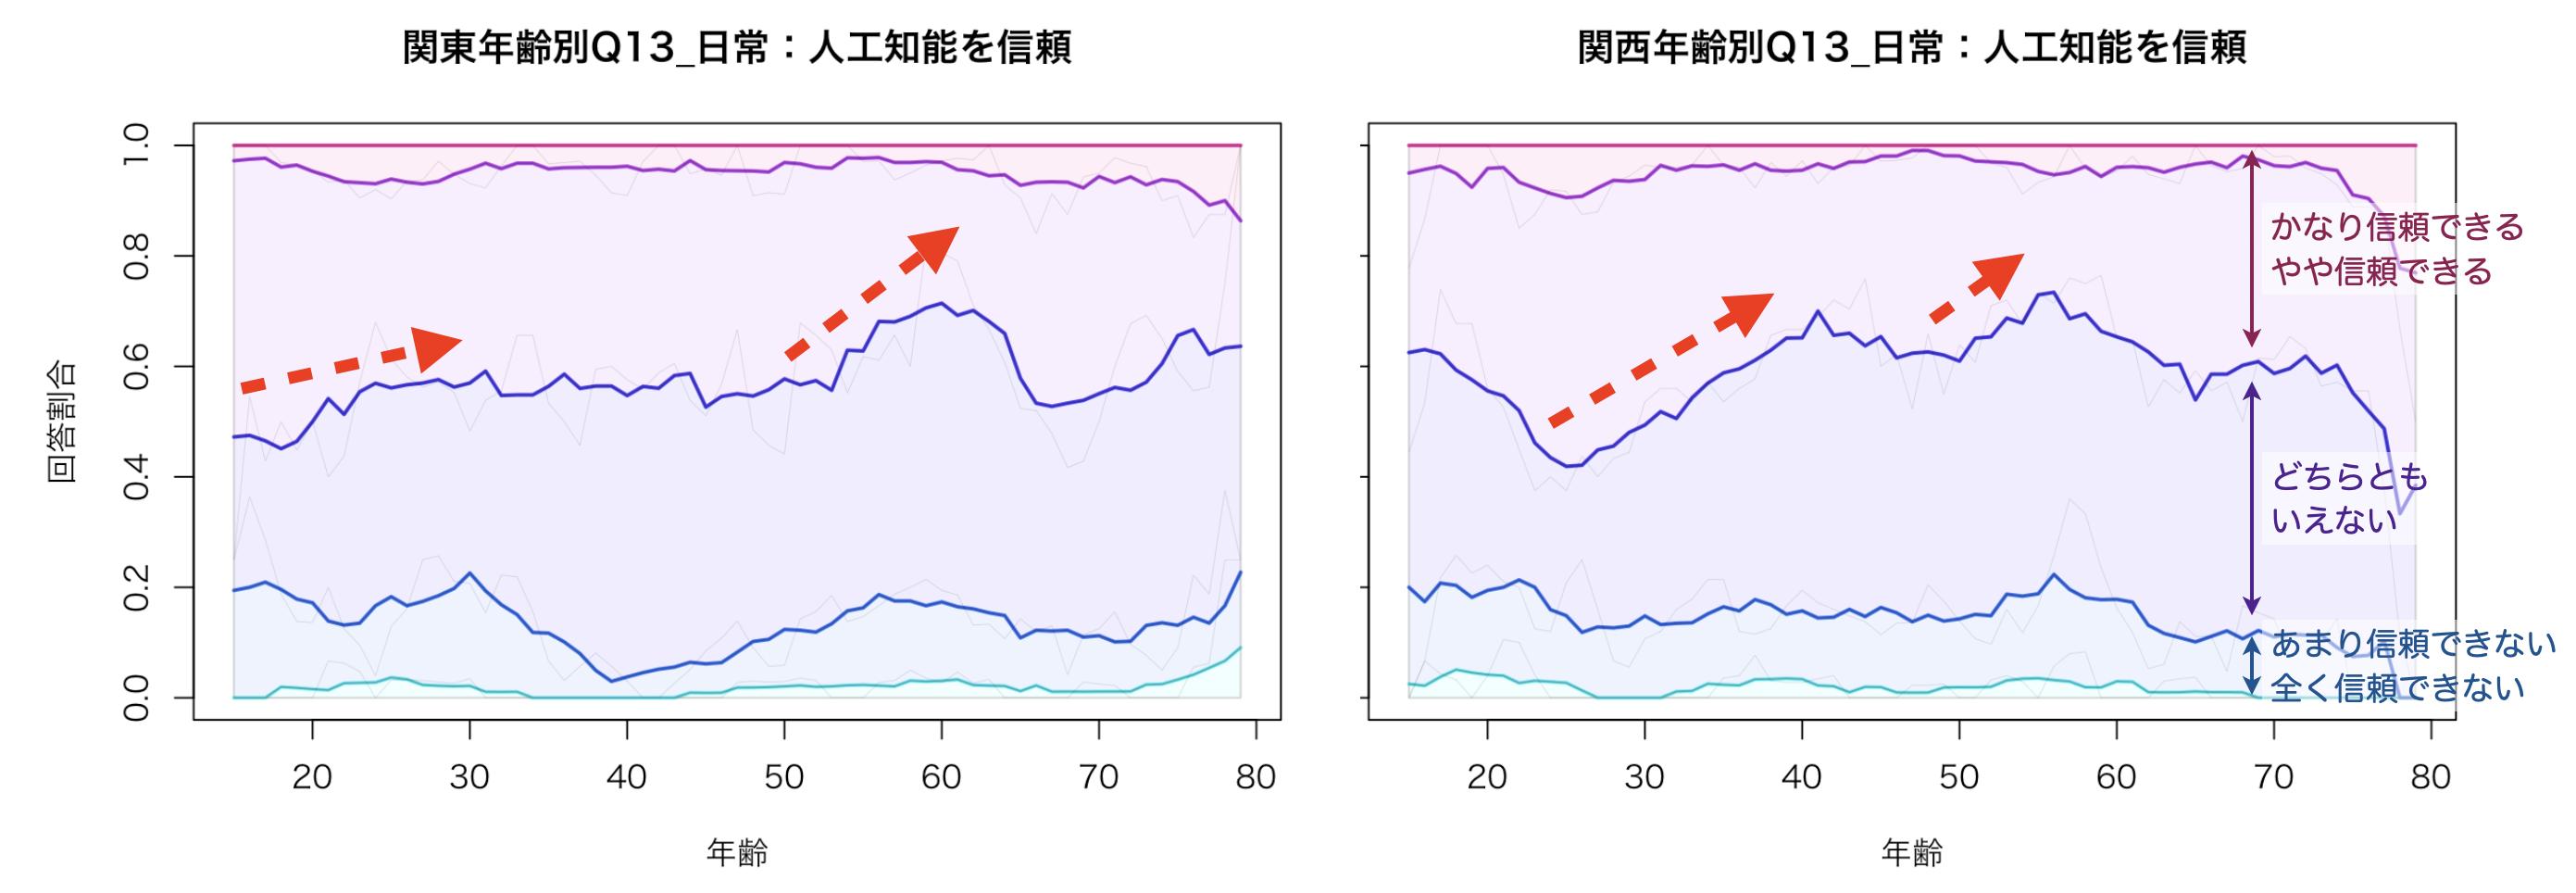 関東と関西の年齢別の「人工知能を信頼できるか」の調査グラフ。対象年齢は10〜80歳まで。「かなり信頼できる・やや信頼できる」「どちらともいえない」「あまり信用できない・全く信用できない」の3つの区分を作り、とくに関西圏の20代近辺の若者において、「かなり信頼できる・やや信頼できる」の傾向が見られる。全年齢帯において「あまり信用できない・全く信用できない」は少なめ。